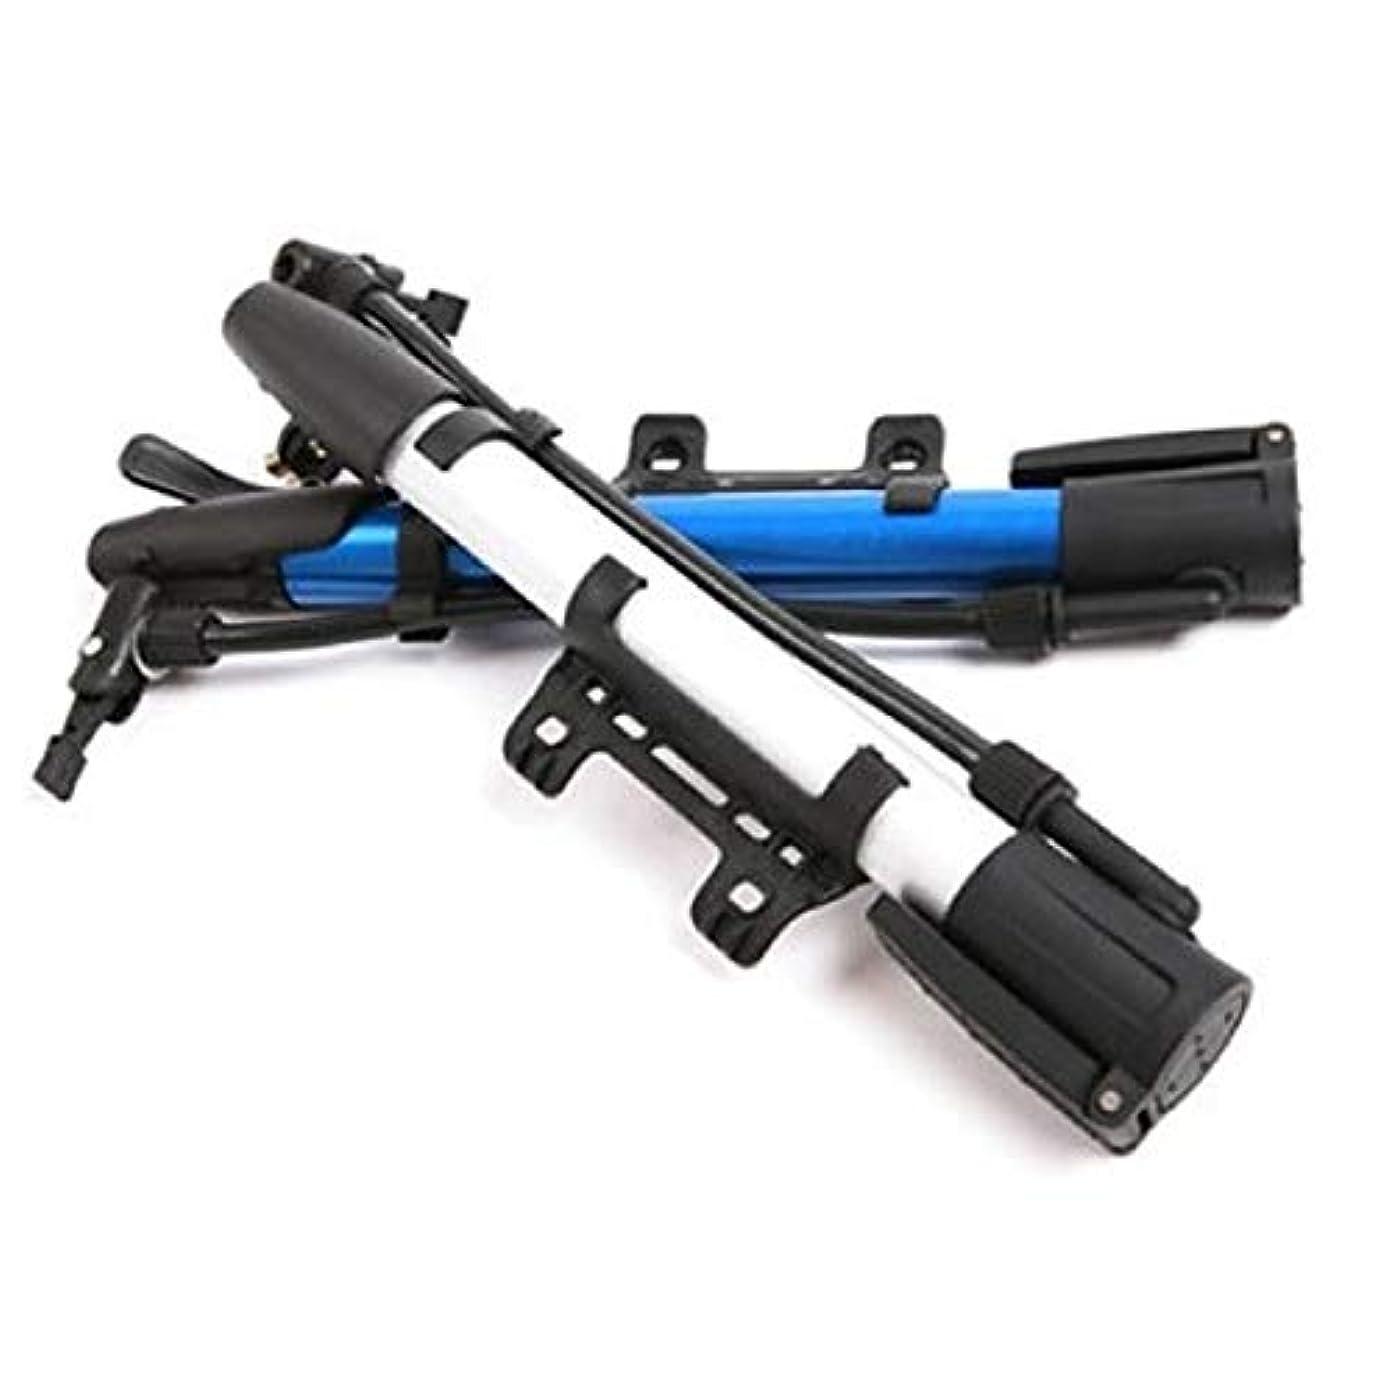 抽選細心の現実リタプロショップ? 自転車に装備可能 空気入れ バイシクルエアーポンプ コンパクト 軽量